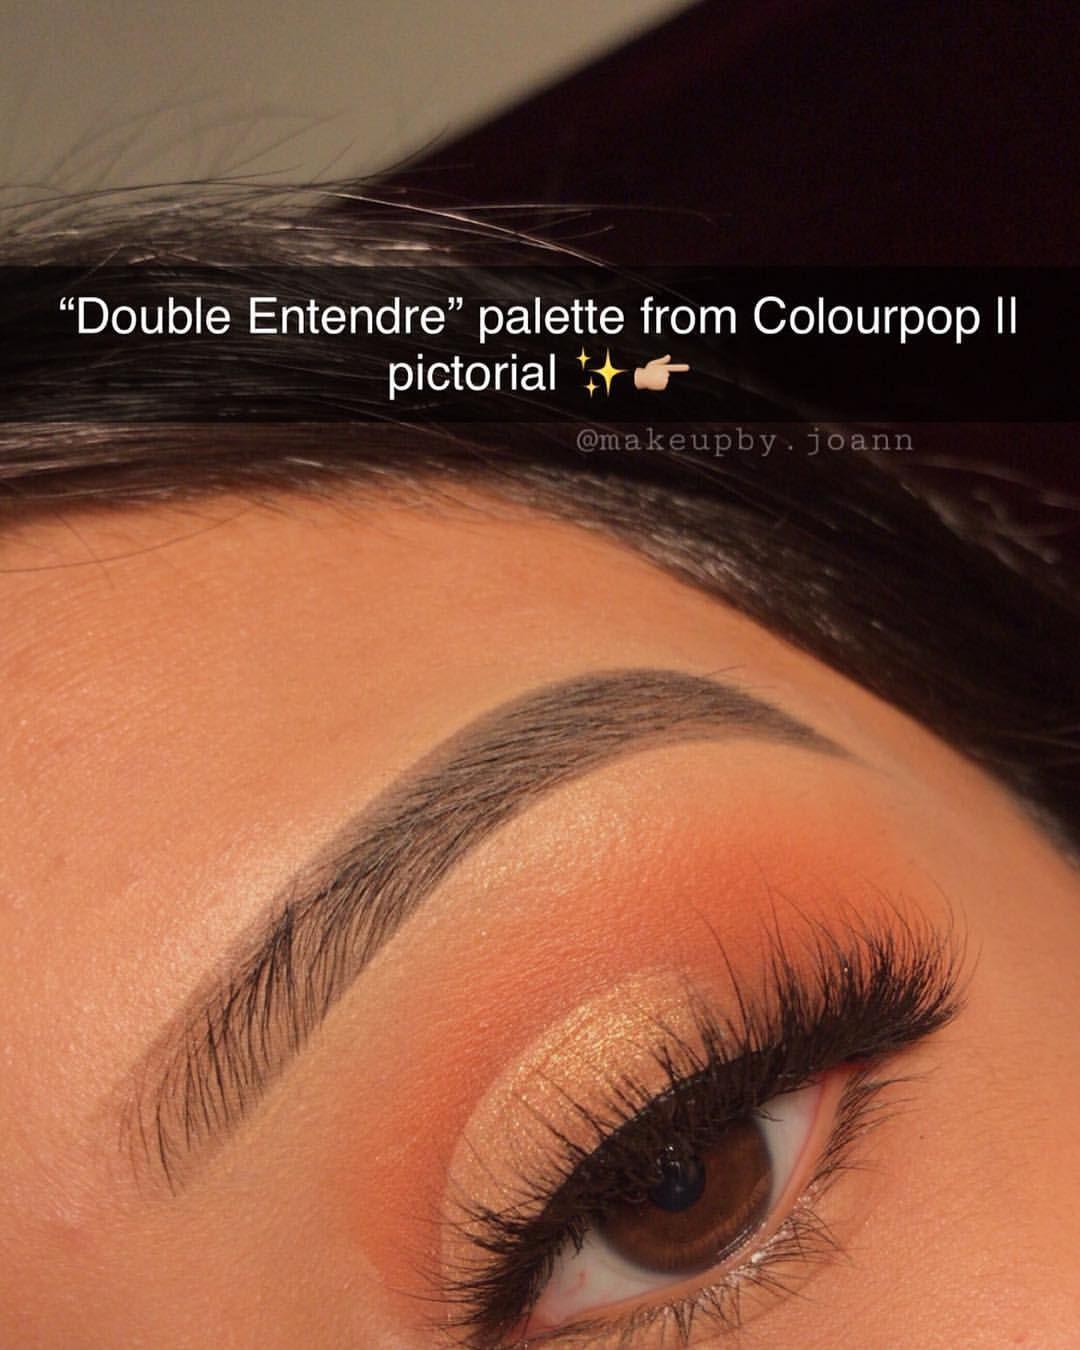 Double Entendre Colourpop Looks